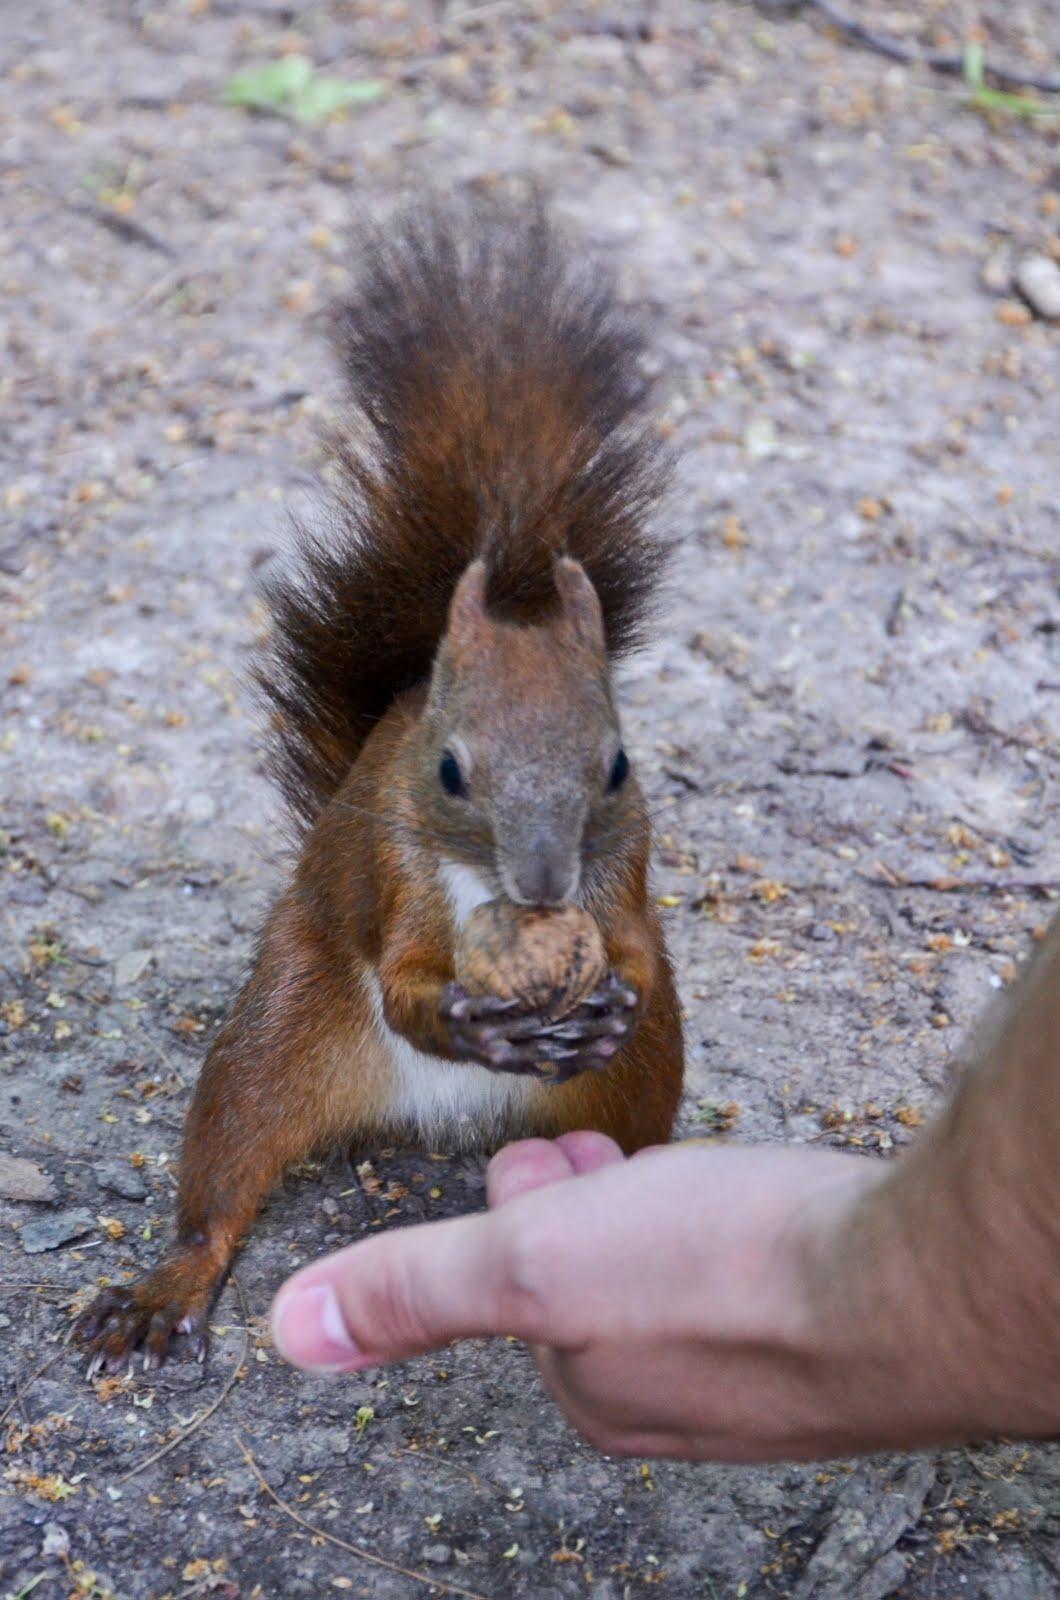 Veverițele jucăuțe îți dau târcoale în Parcul Zoologic Piatra Neamț